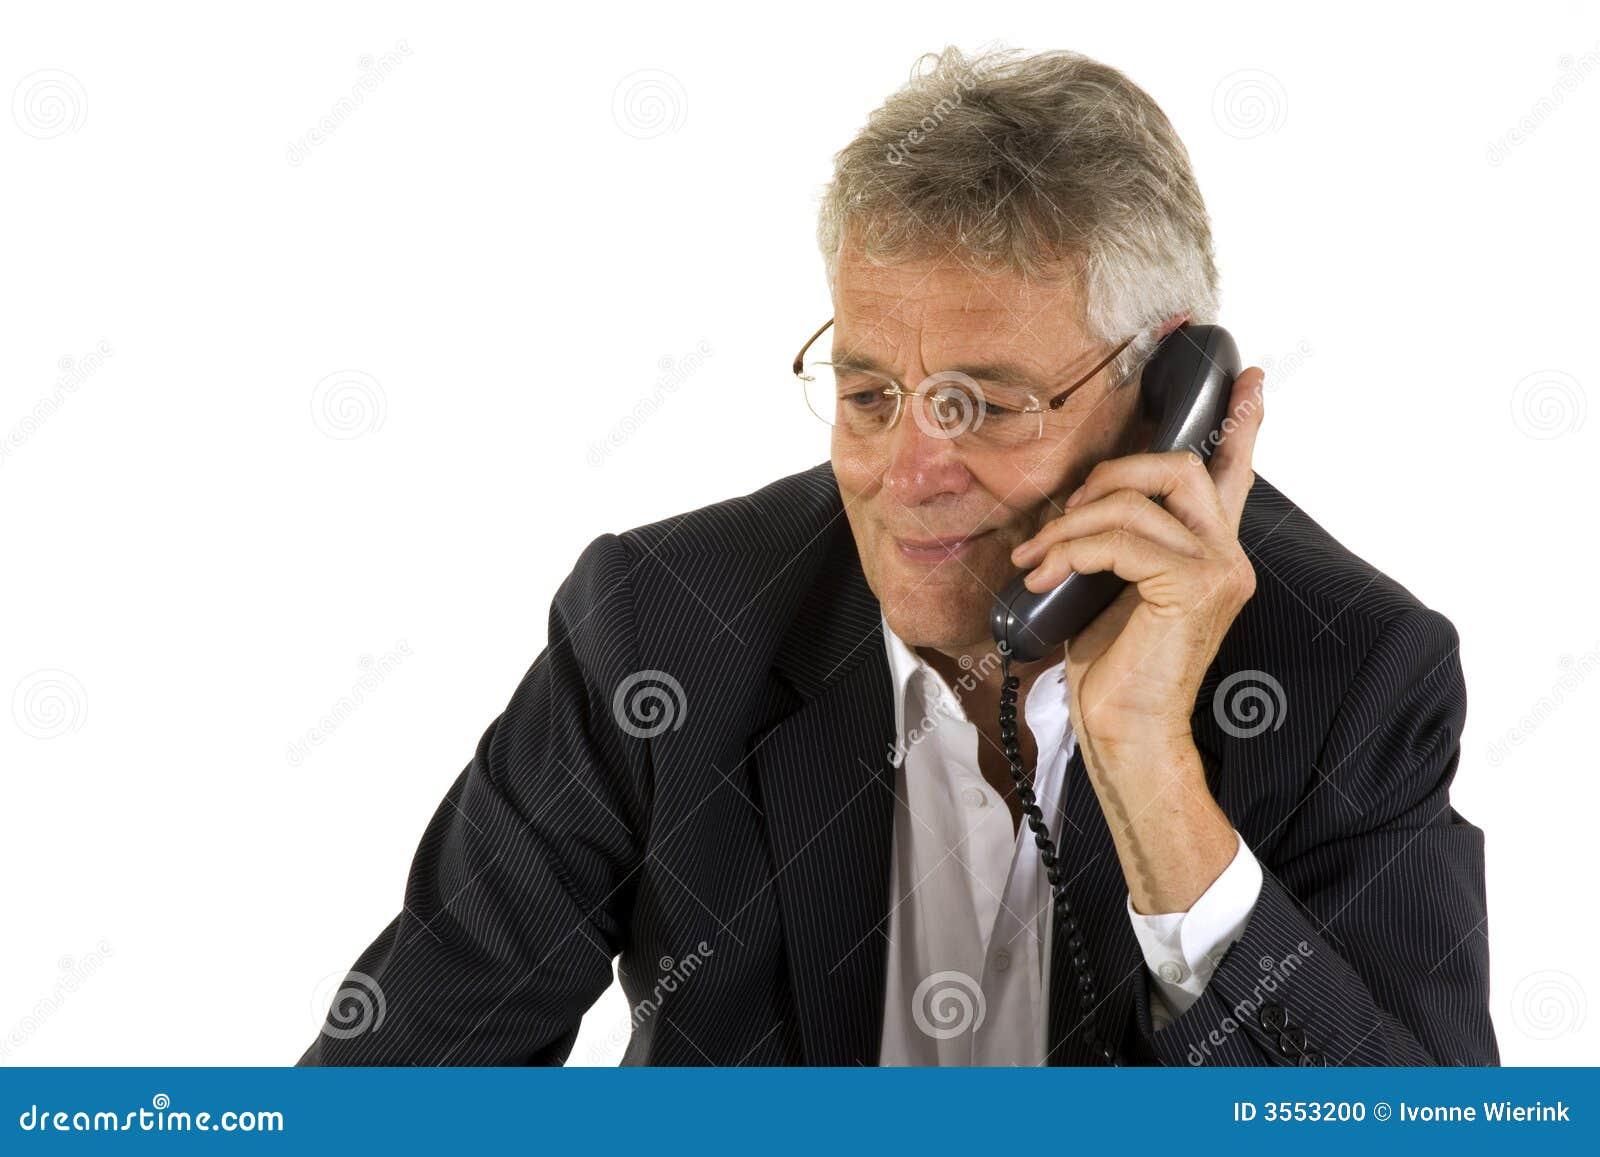 Phonecall amichevole